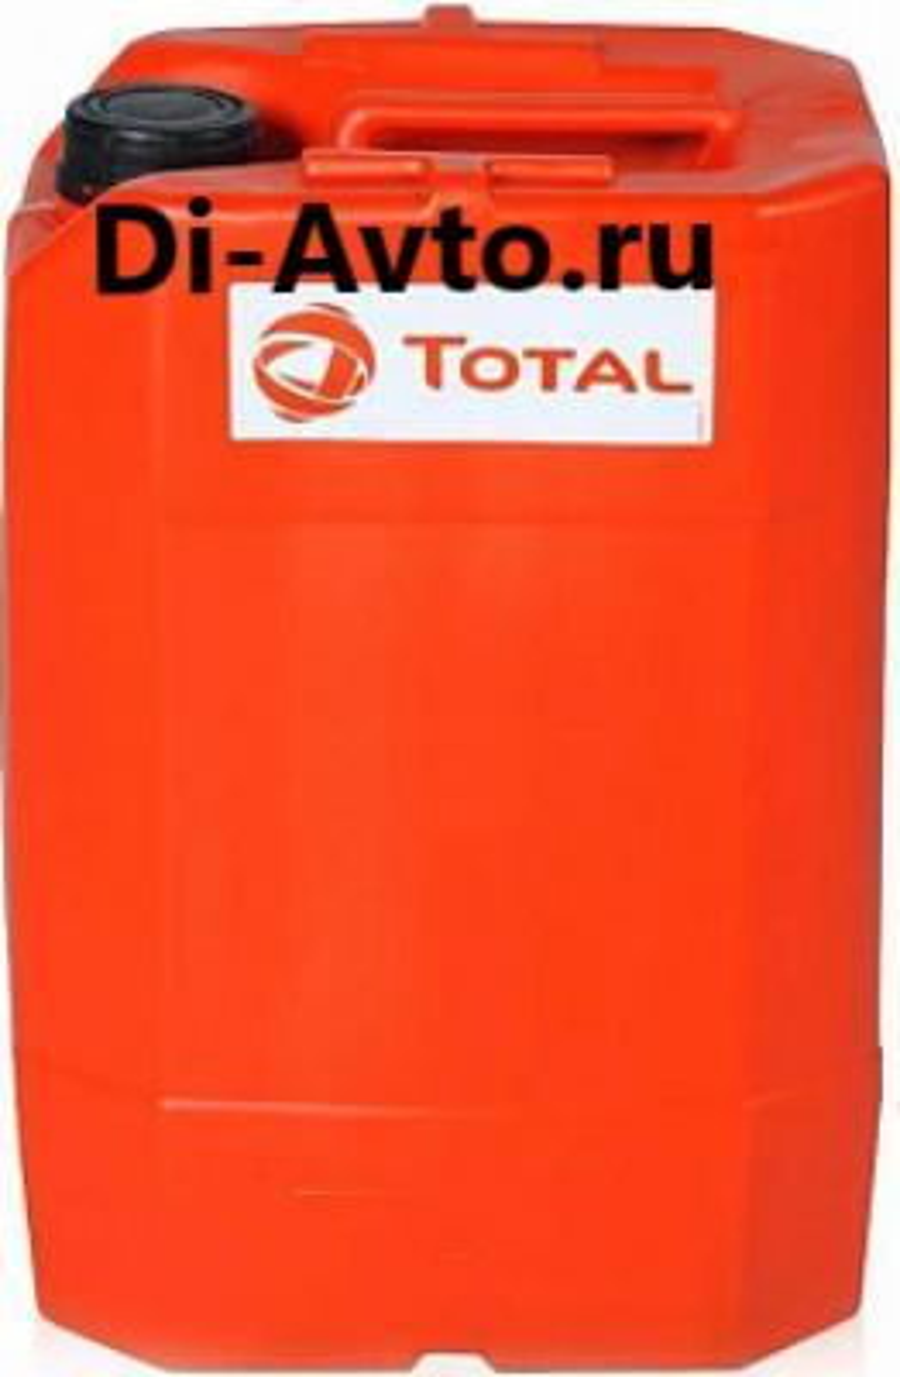 Масло моторное минеральное RUBIA TIR 6400 15W-40, 20л